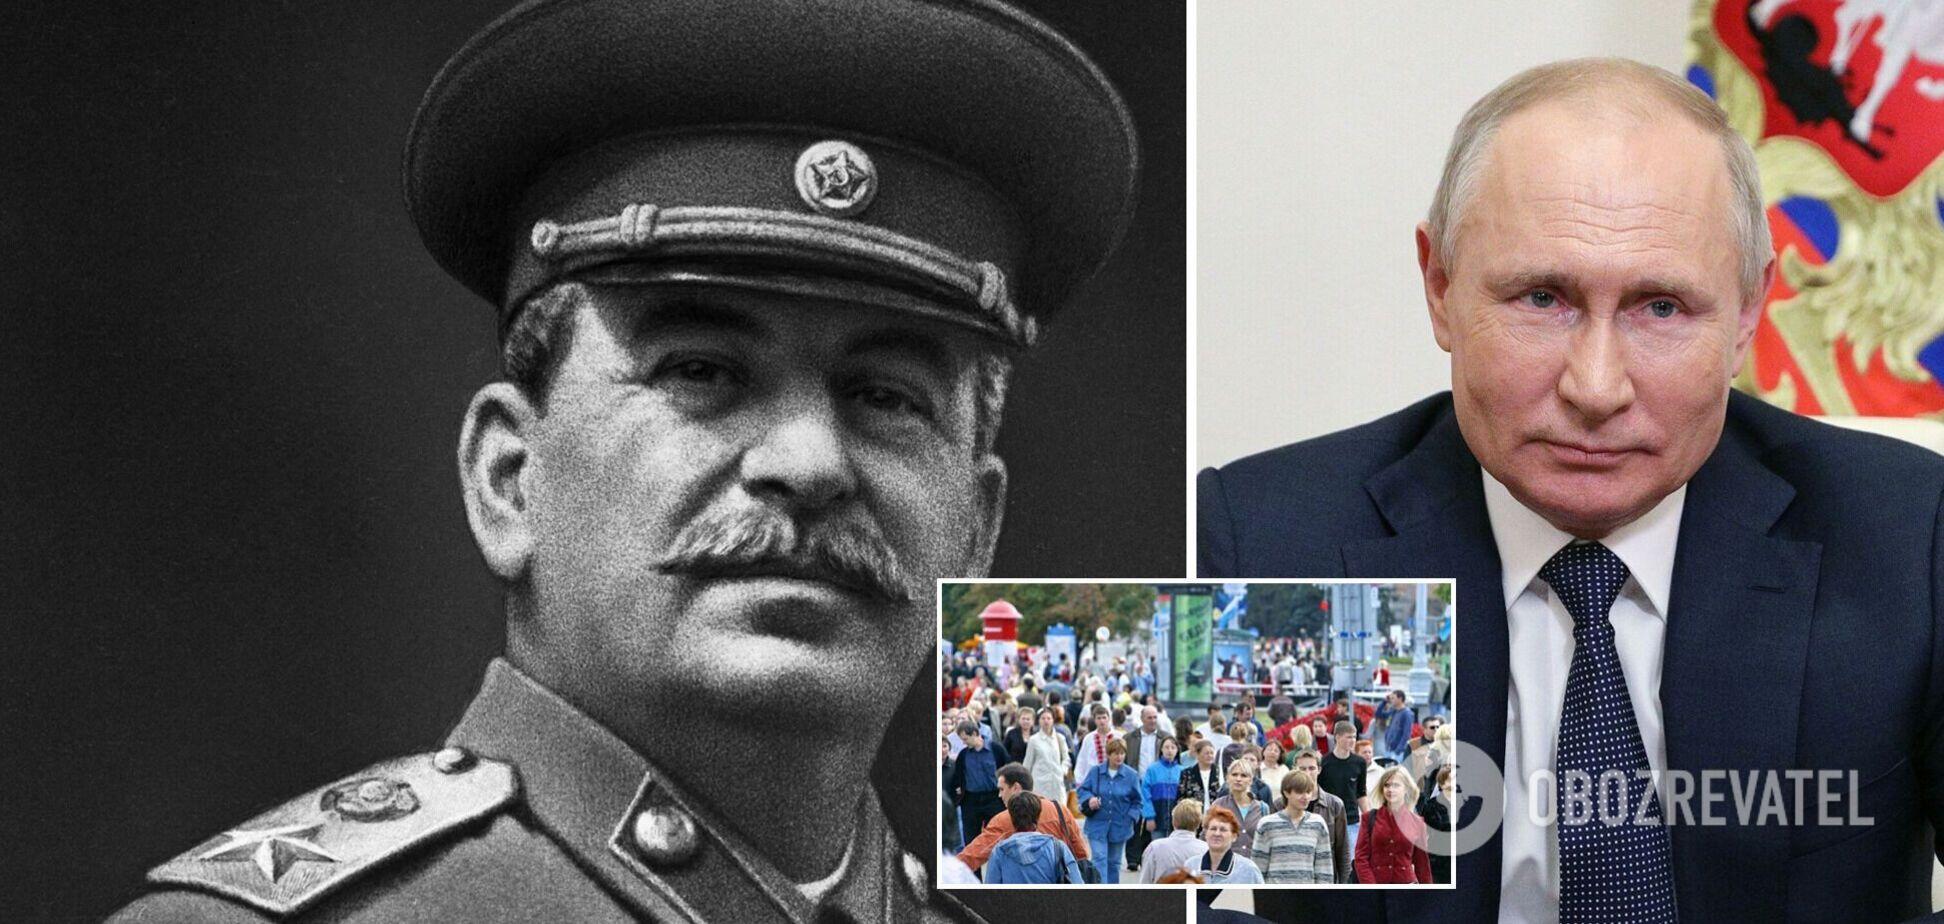 Сталин и Пушкин обогнали Путина в рейтинге: в президенте разочаровалась половина россиян